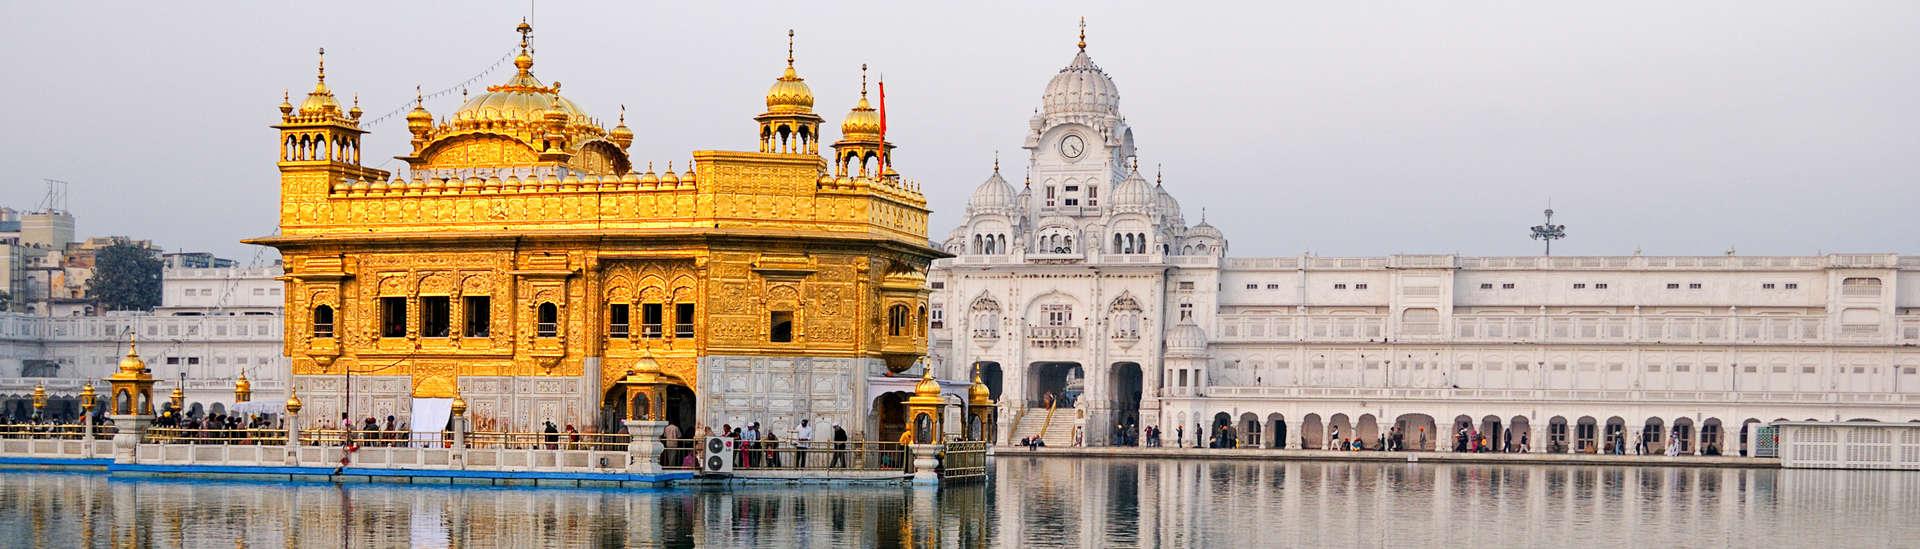 Indie_0012.jpg